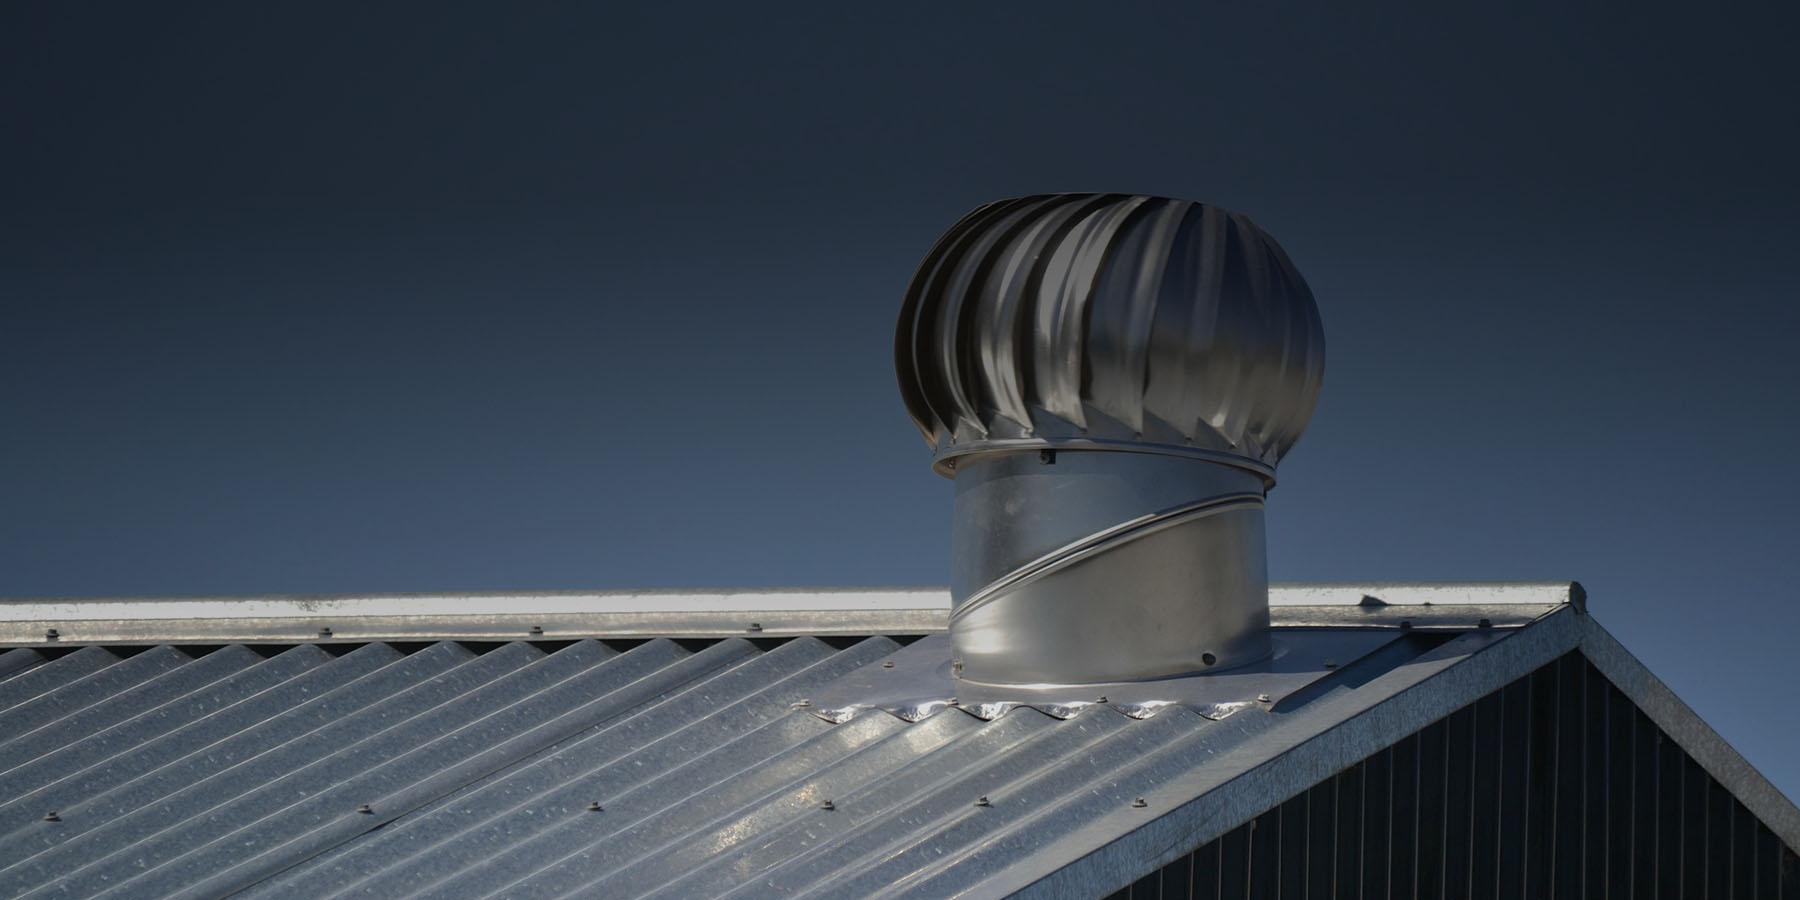 Venta, Instalación y mantenimiento de sistemas de ventilación